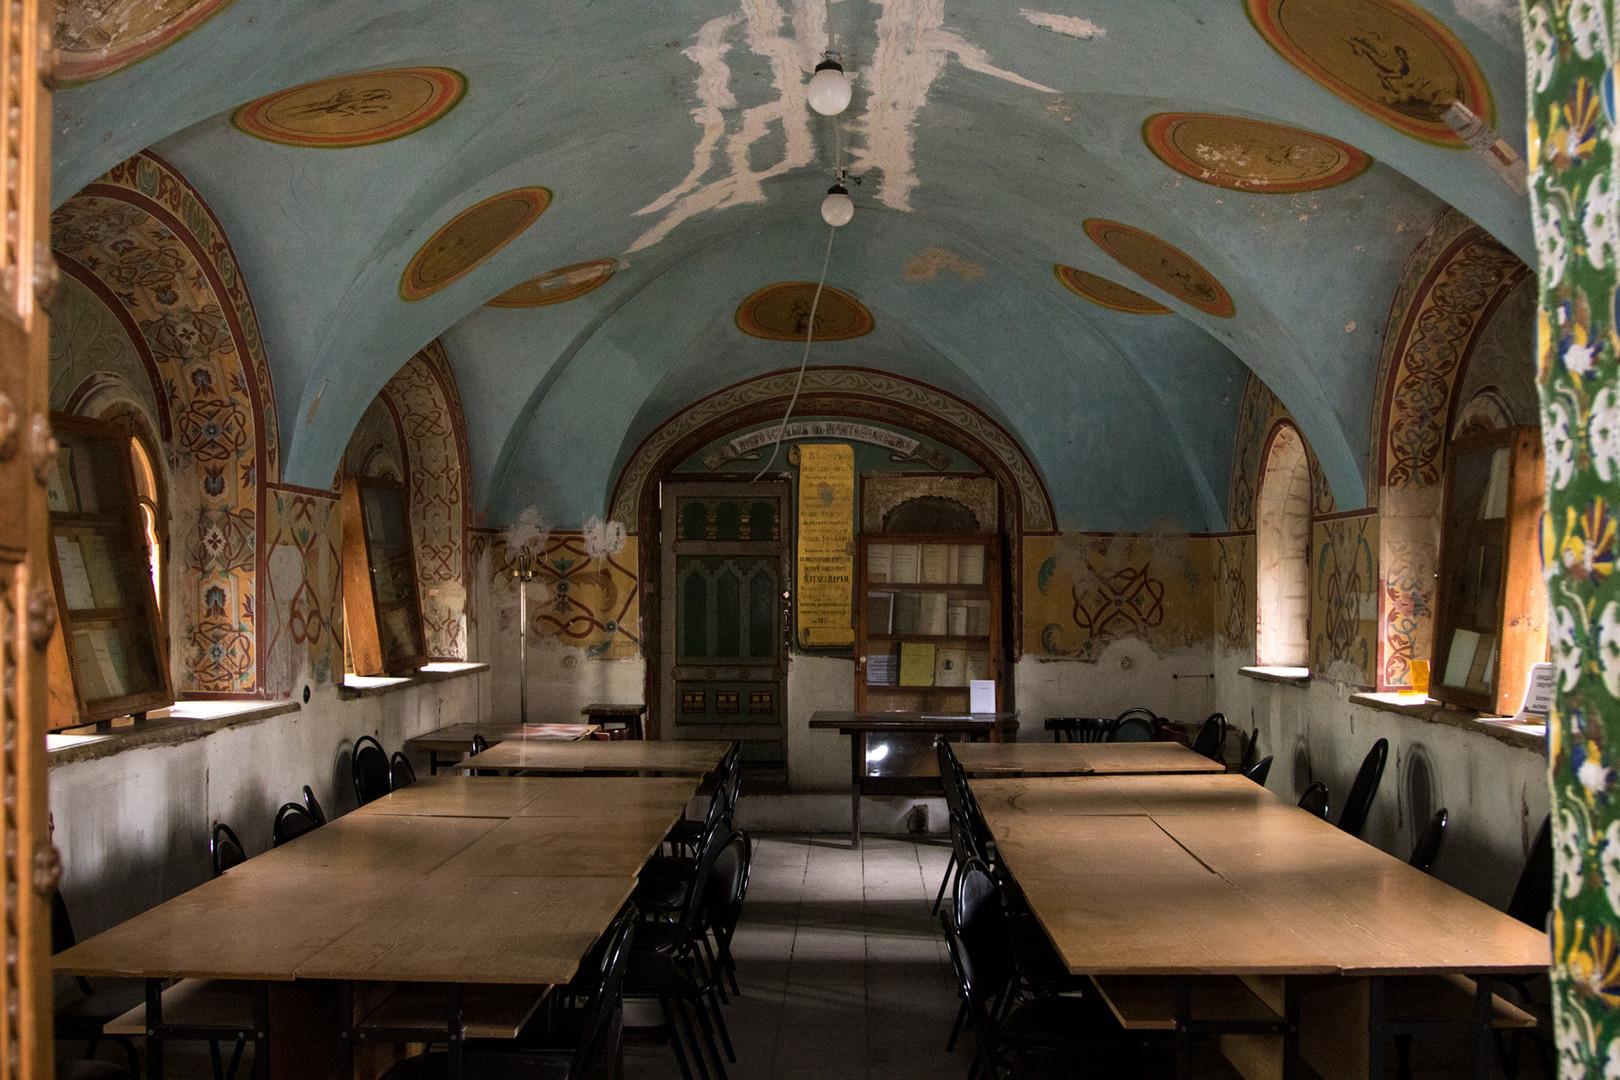 Salas do Pátio de Impressão foram restauradas em 1875 com imagens e azulejos originais